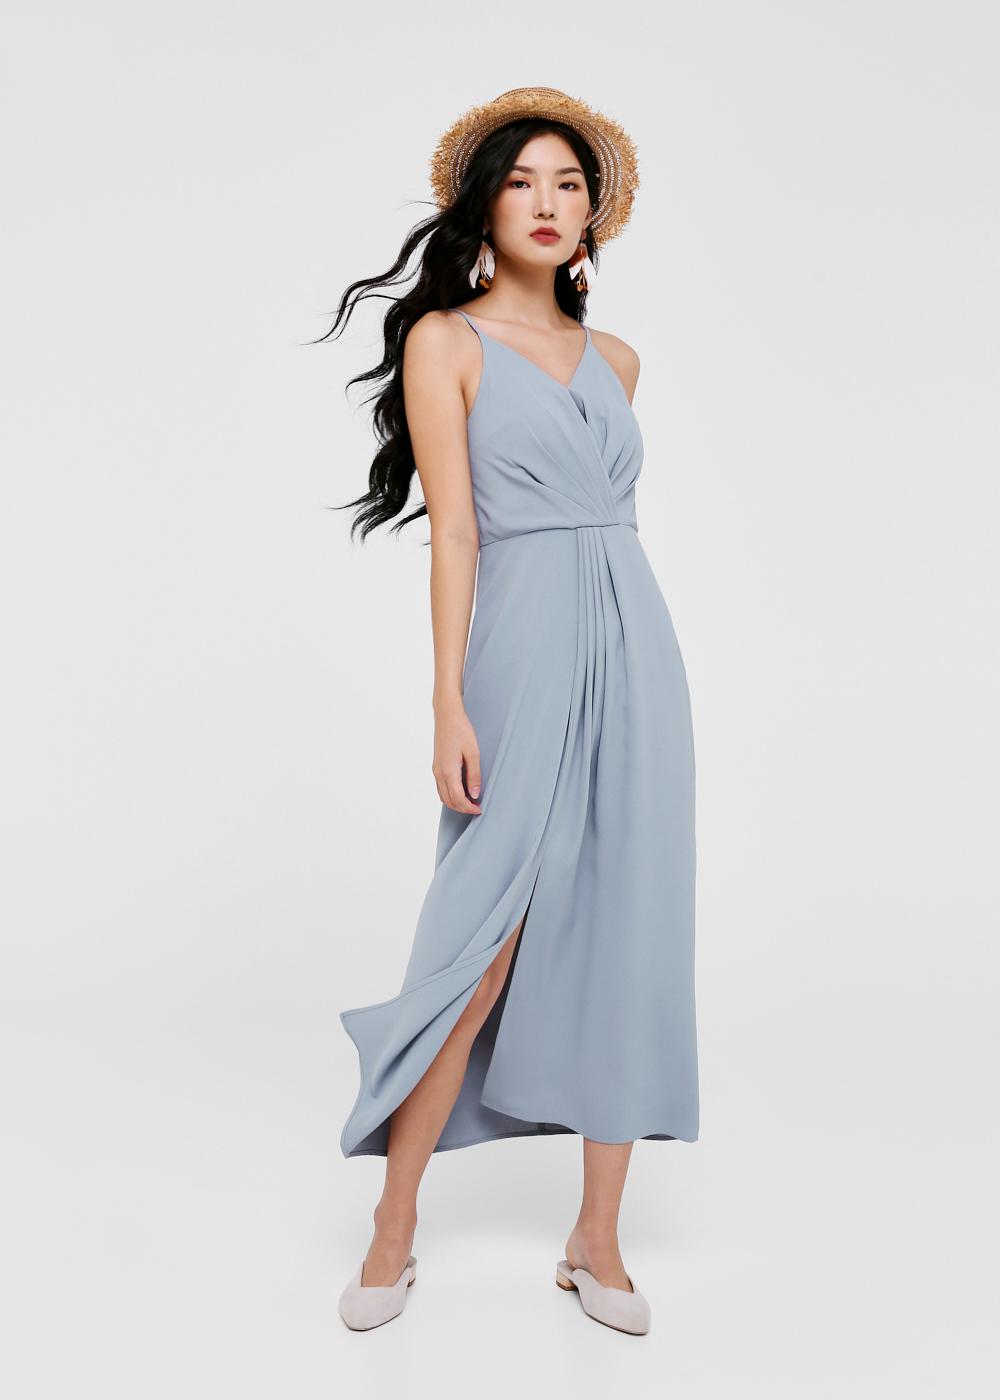 Ryesen Cross Over Maxi Dress